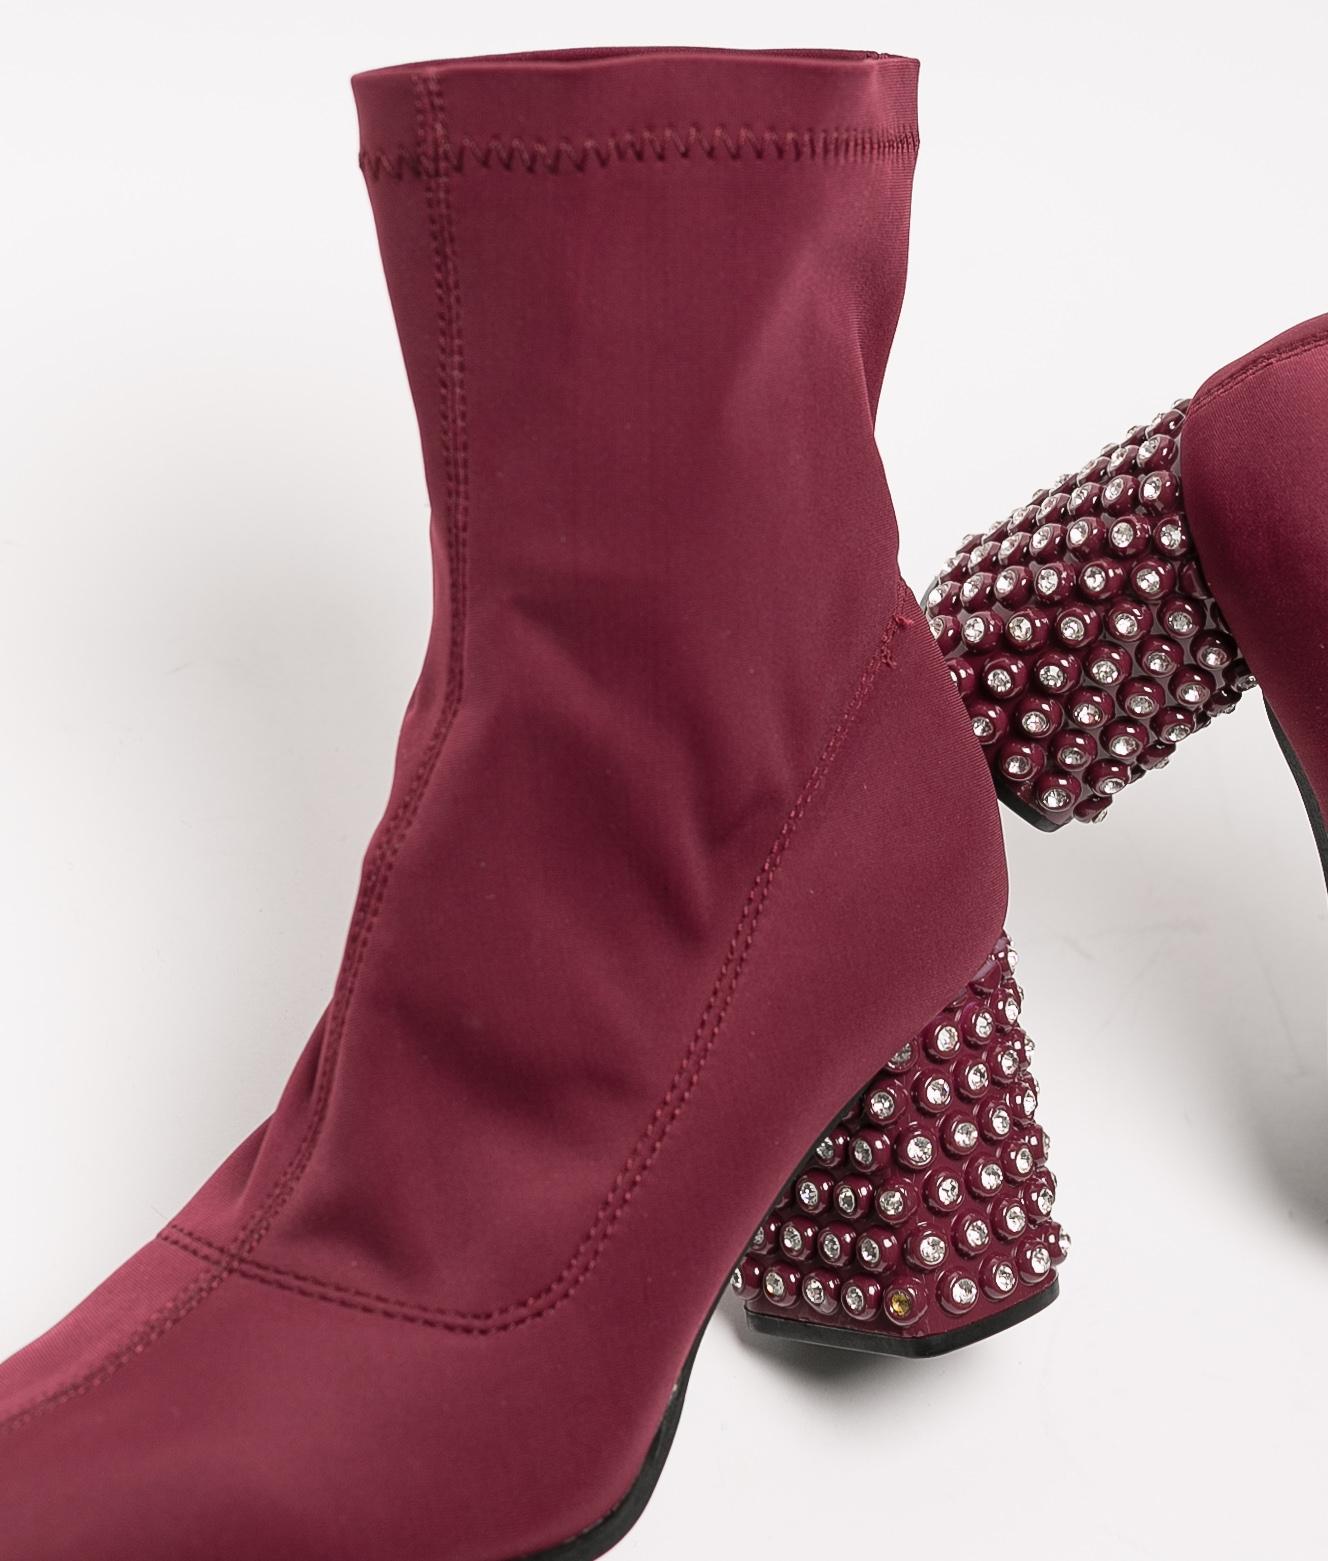 Blex Low Boot - Garnet